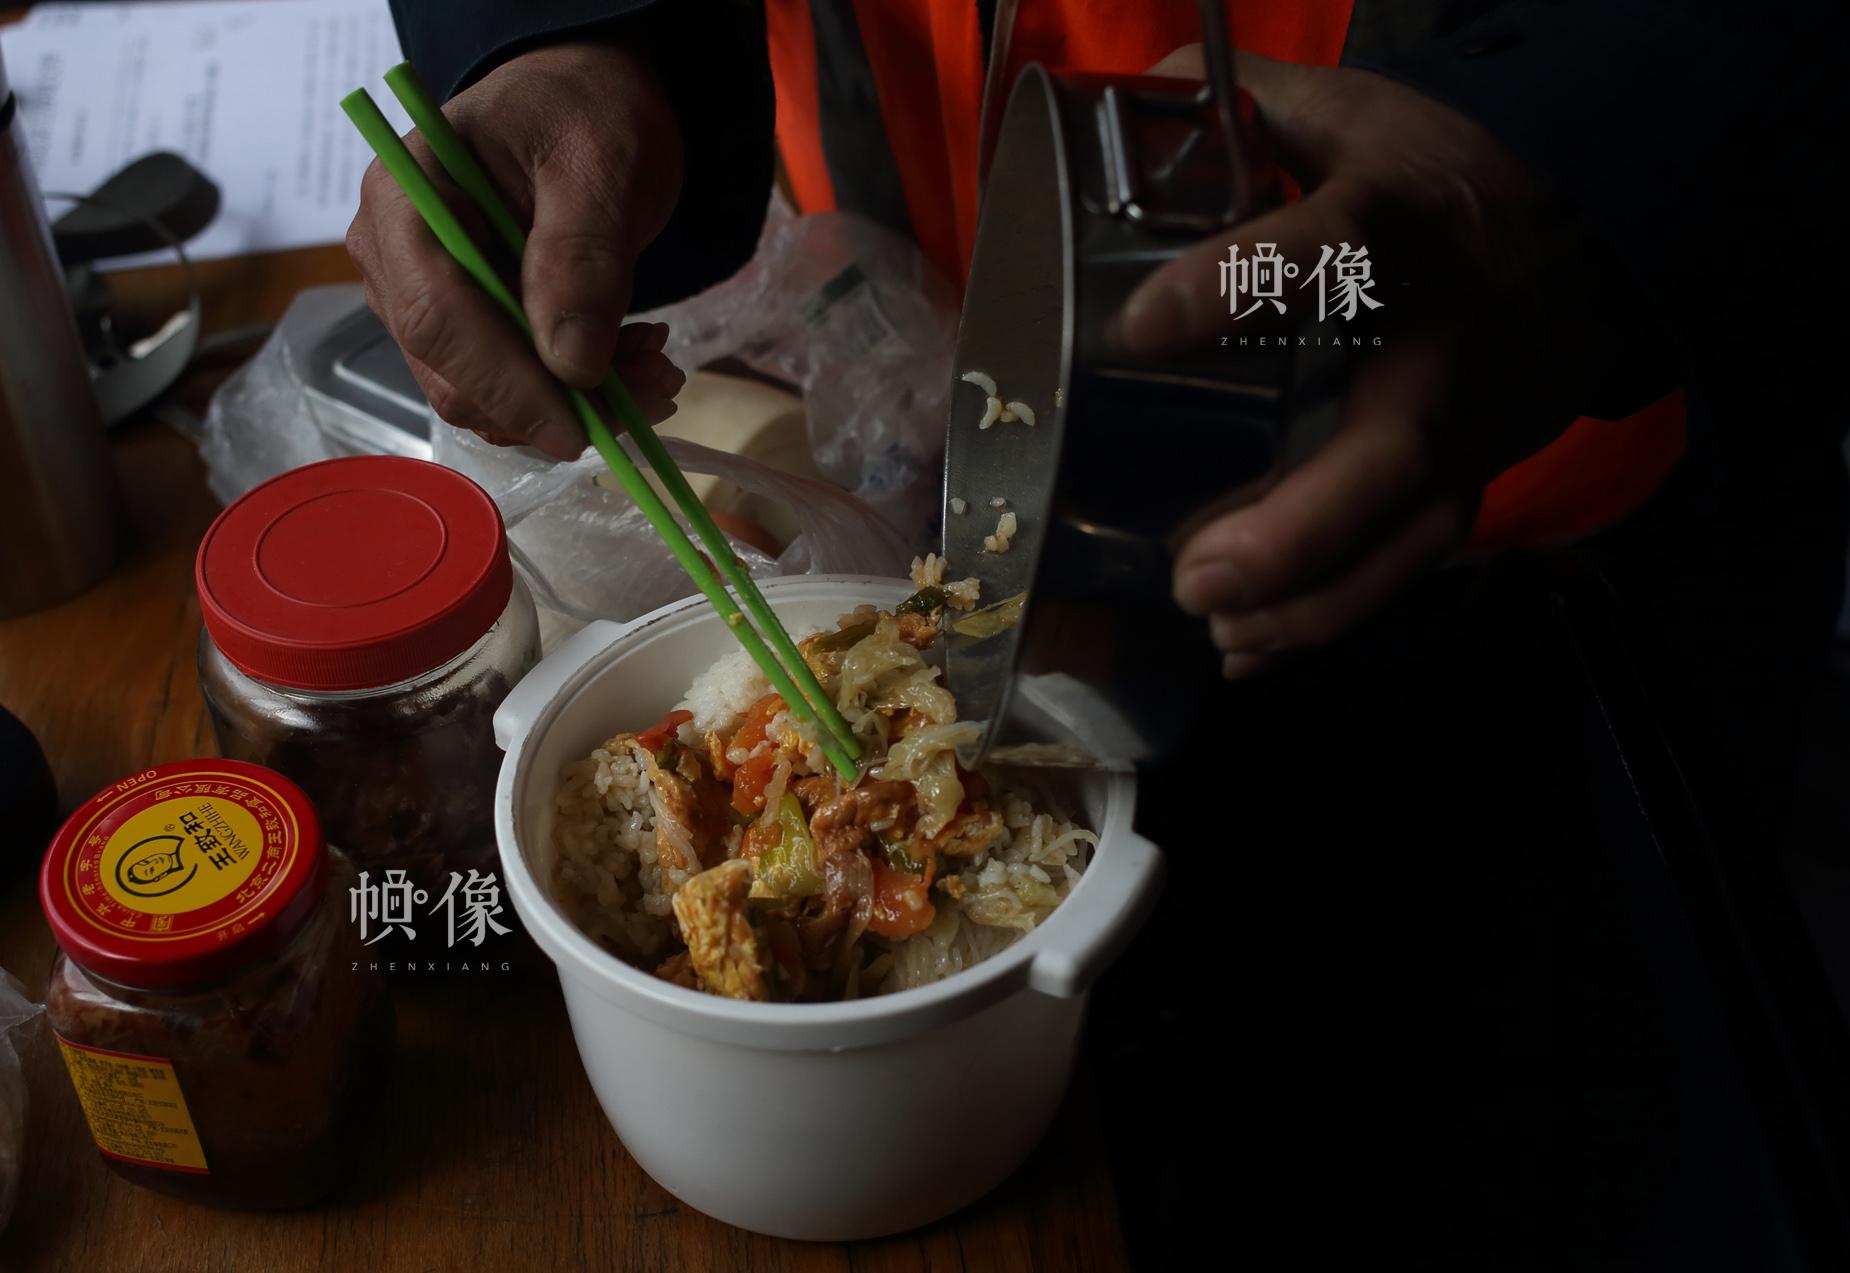 打冰人陆辉他们的午餐和晚餐都得从家里带来。中国网陈维松 摄